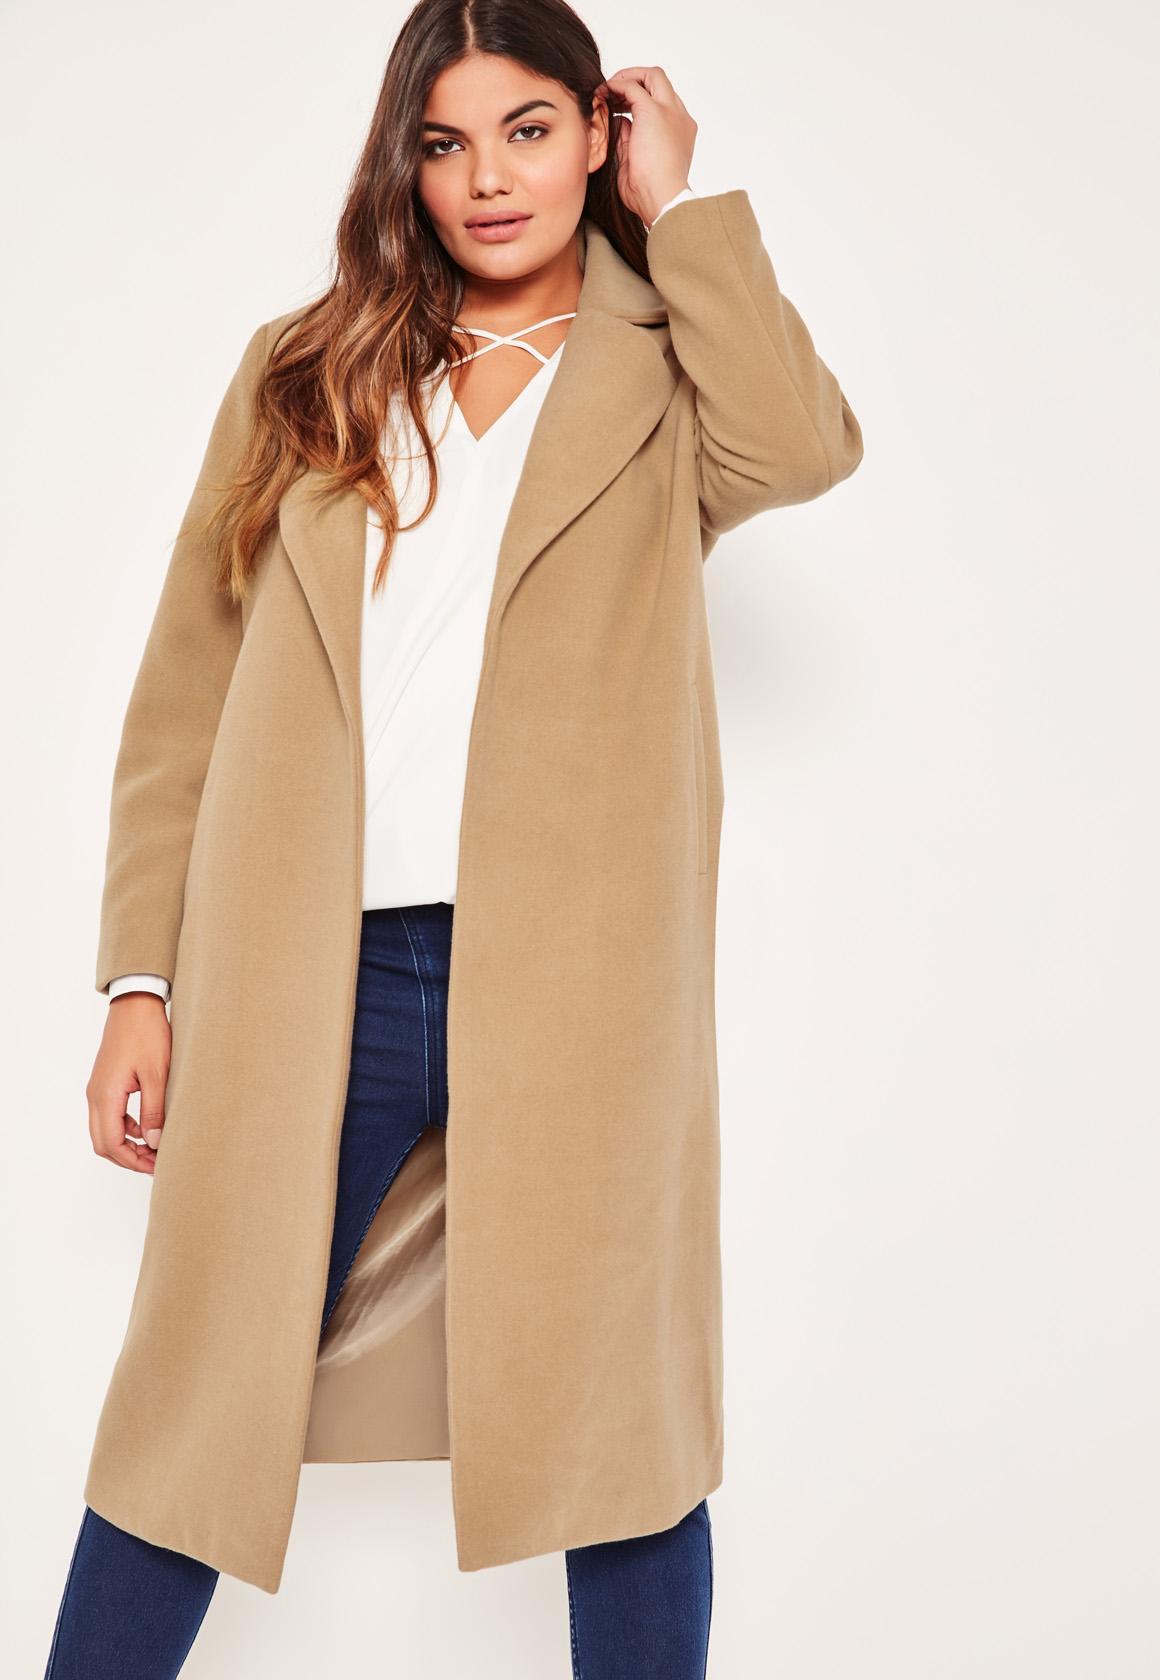 5dc62125df6e Lyst - Missguided Plus Size Camel Longline Faux Wool Duster Coat in Blue